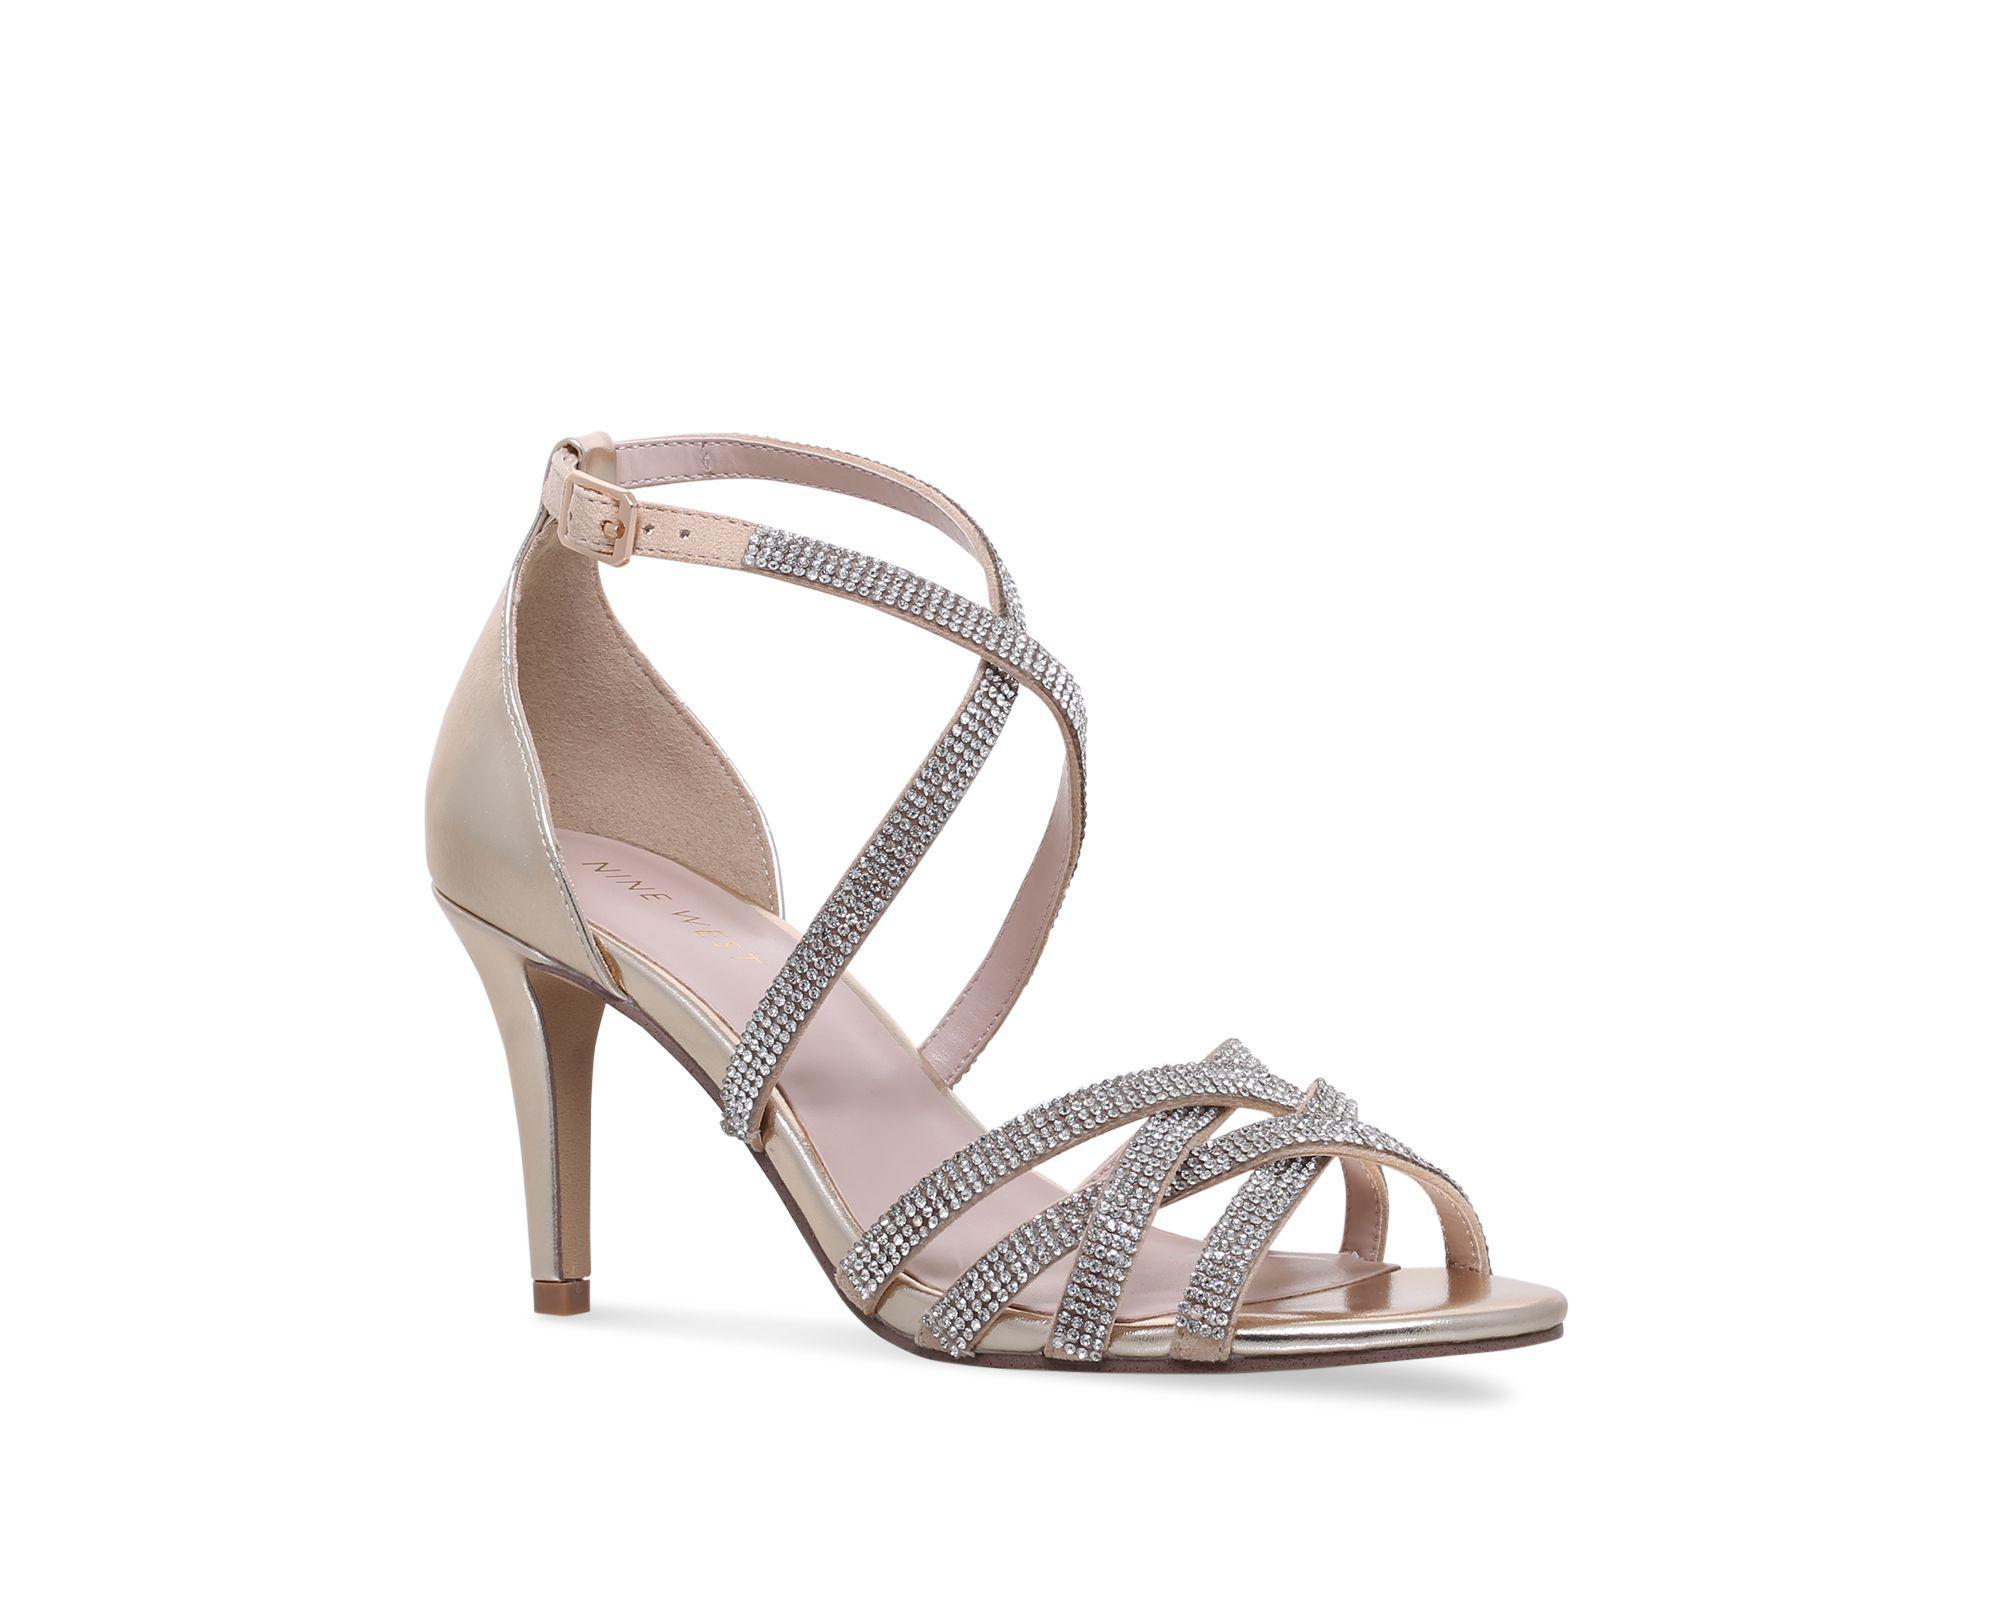 47aa313879c Nine West Gold  diva  Mid Heel Sandals in Metallic - Lyst